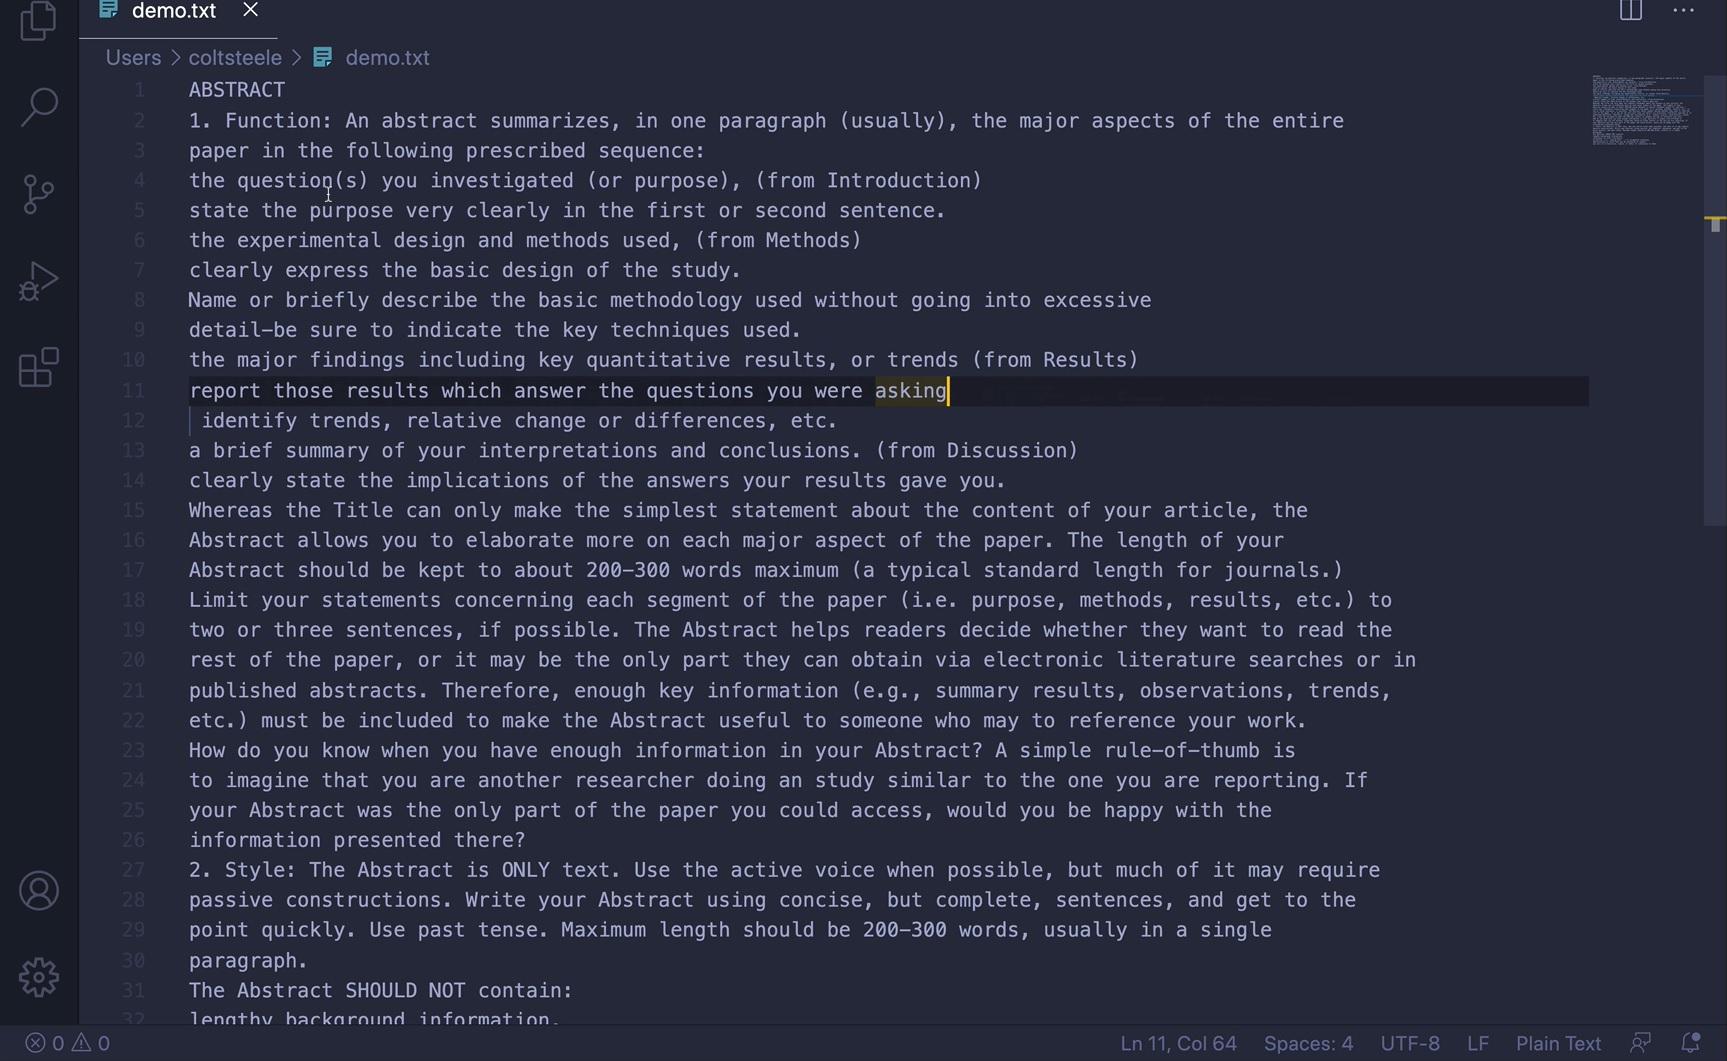 teks tanpa struktur html